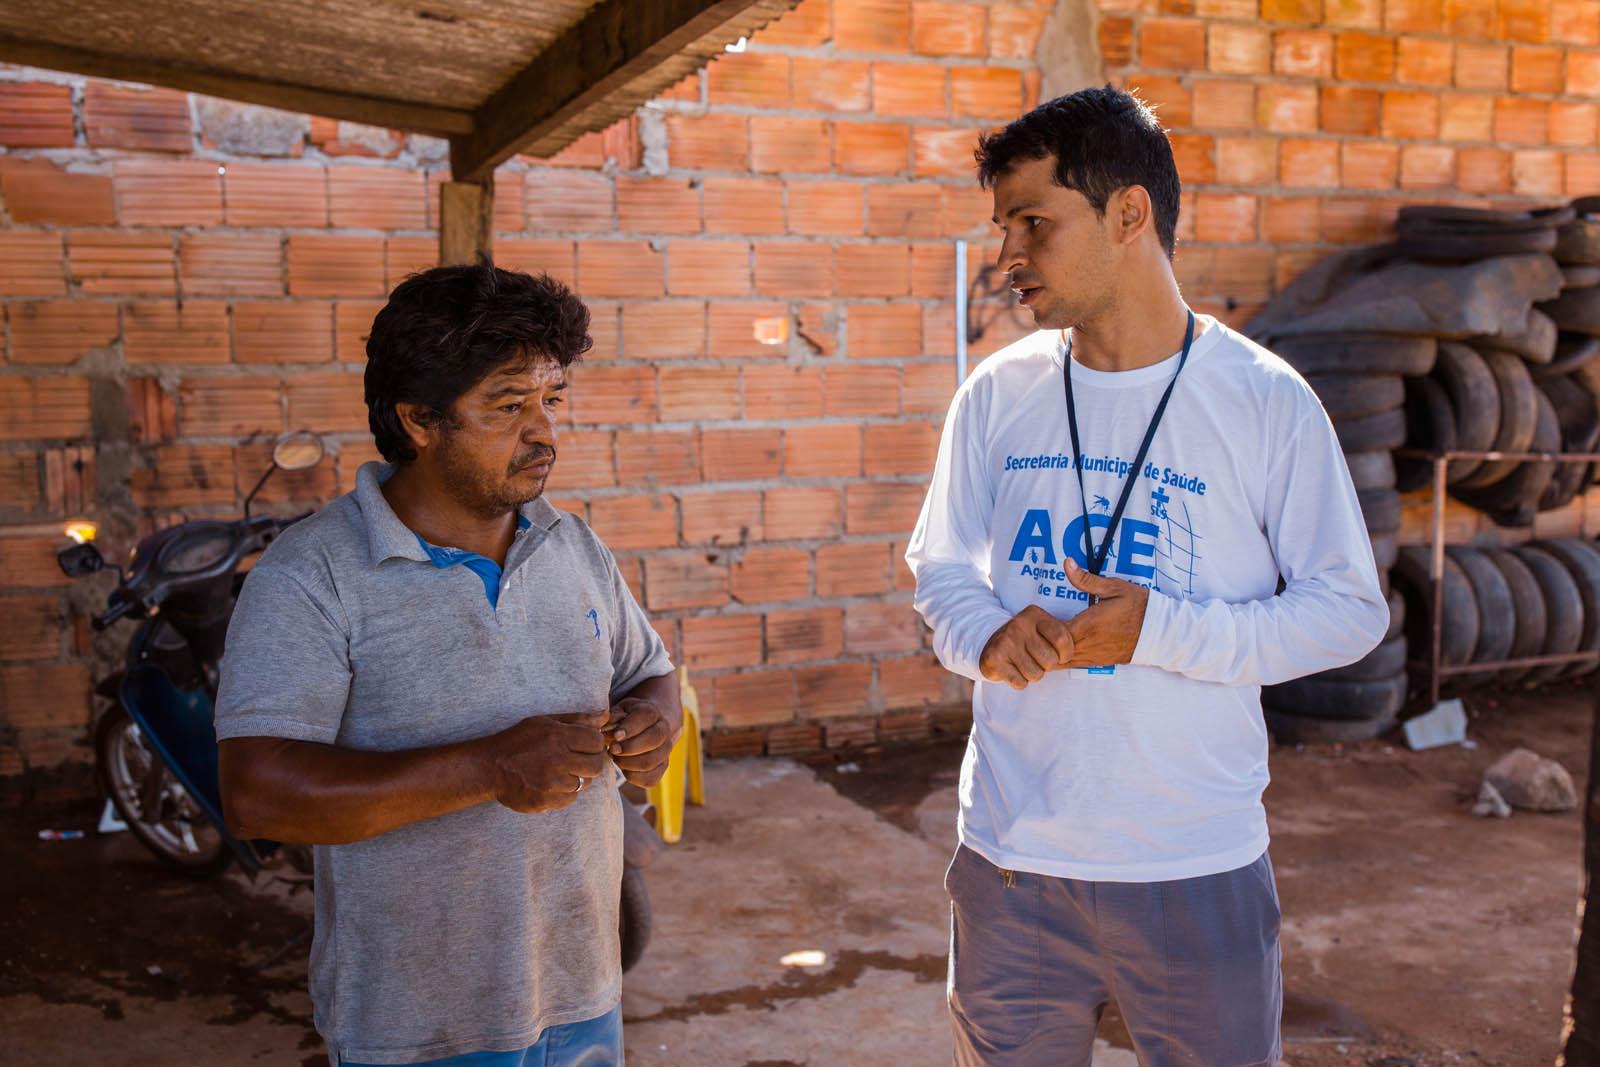 Moradores de Palmas estão sendo mobilizados a combater o mosquito Aedes aegypti